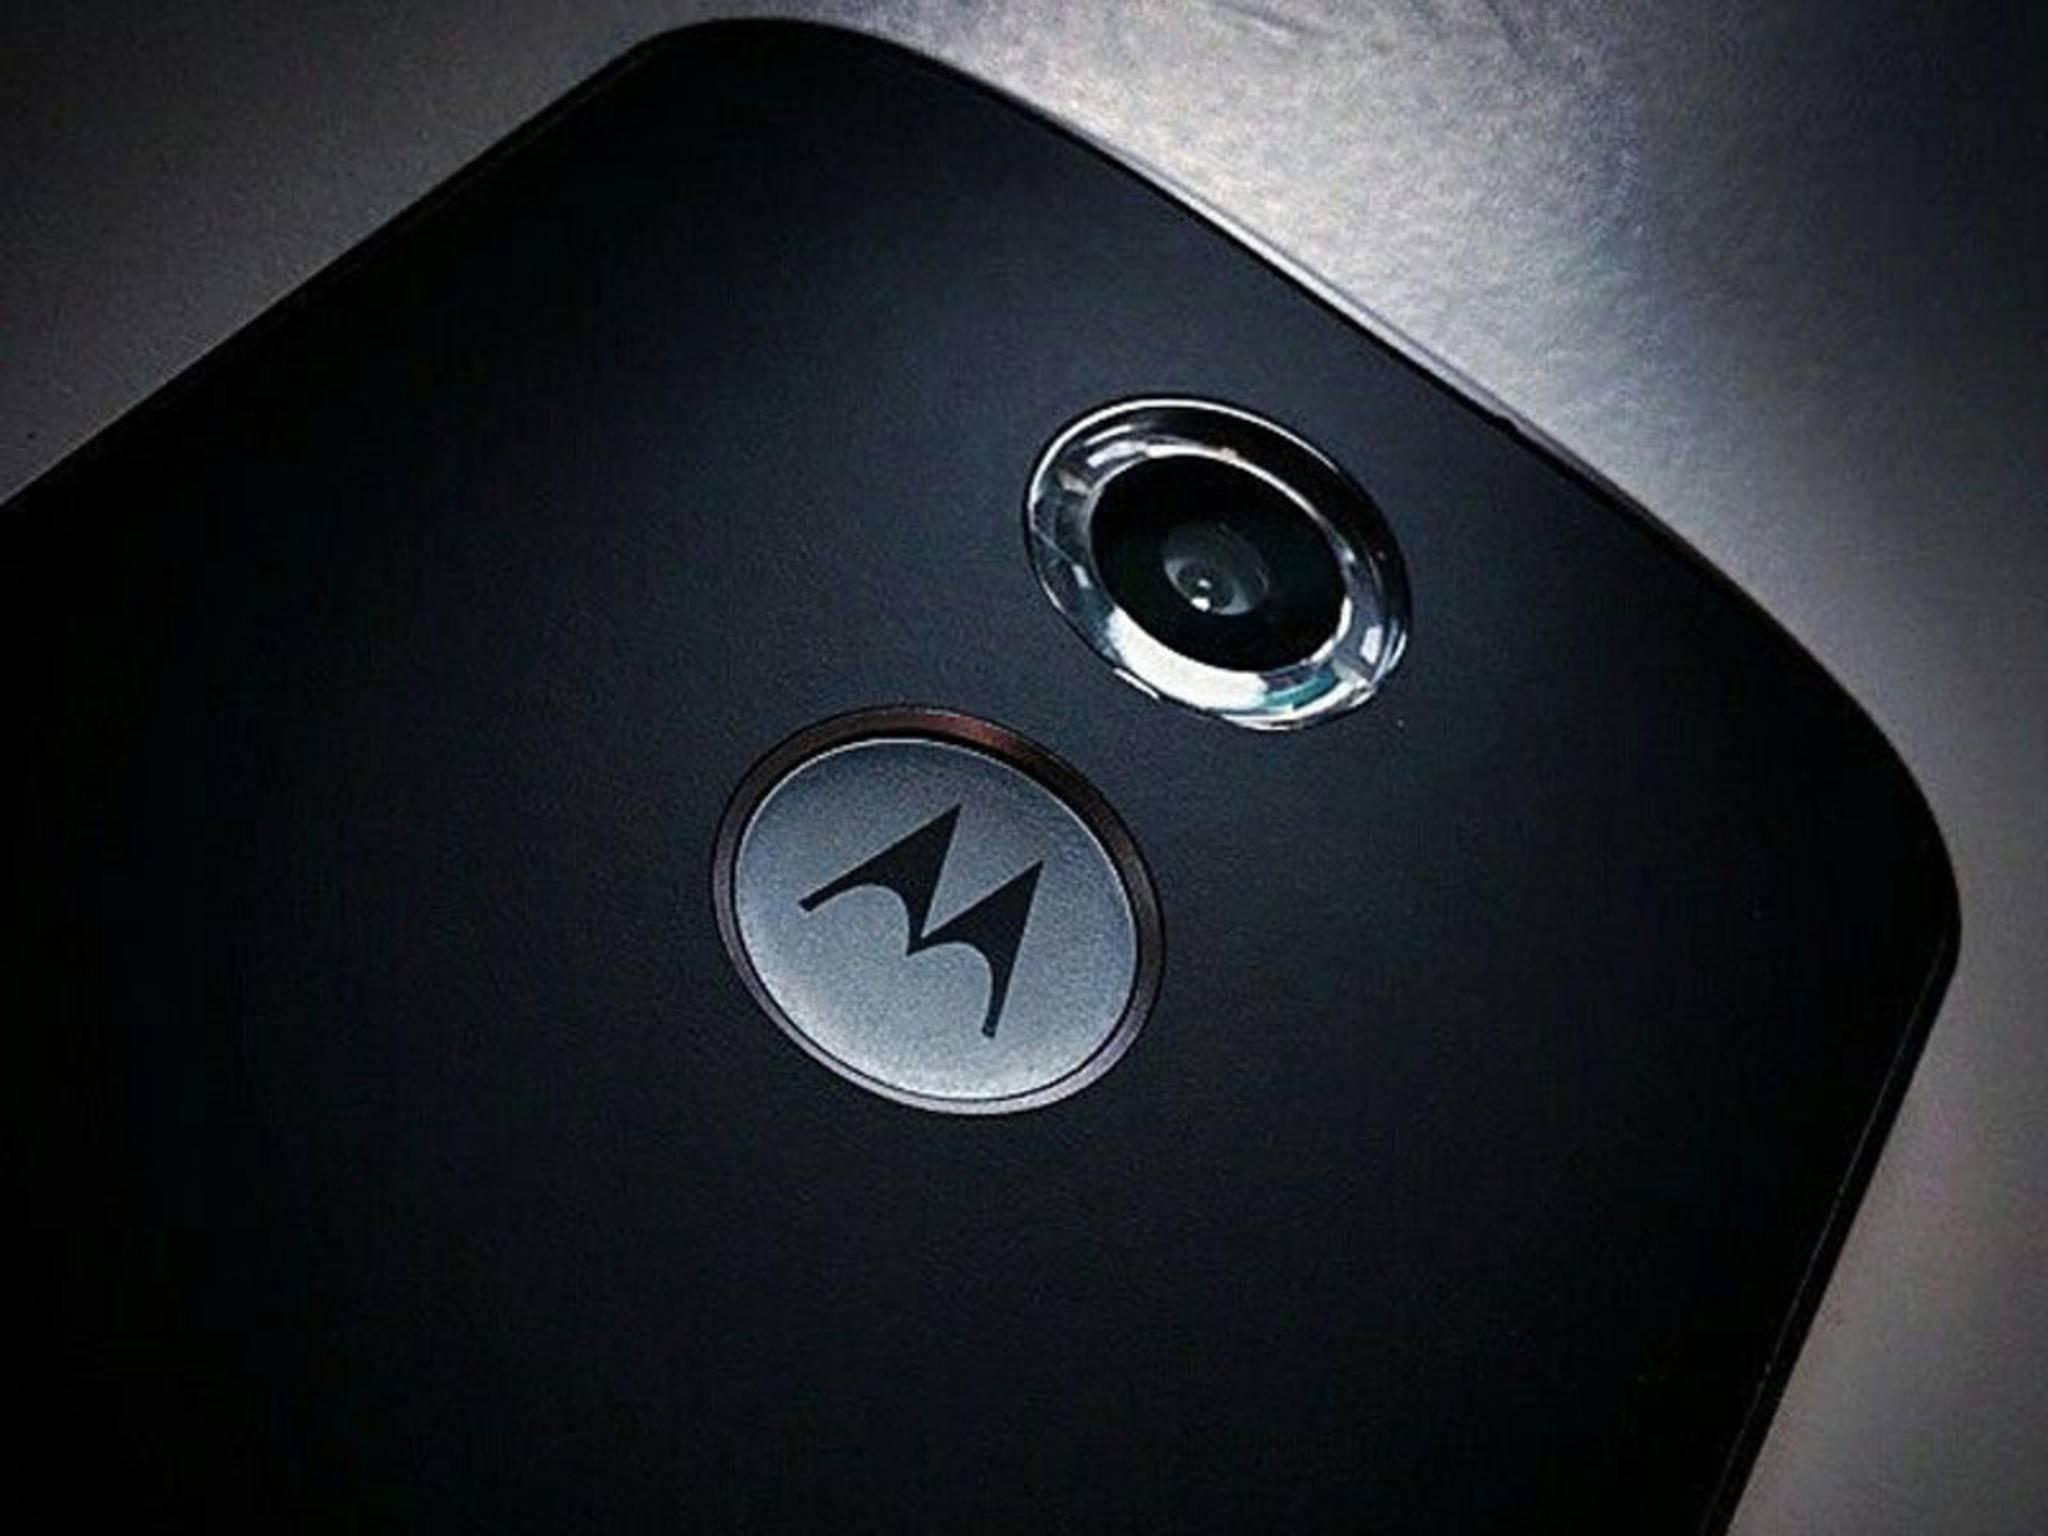 Voraussichtlich wird das Moto Z2 das modulare Design des Vorgängers fortführen.